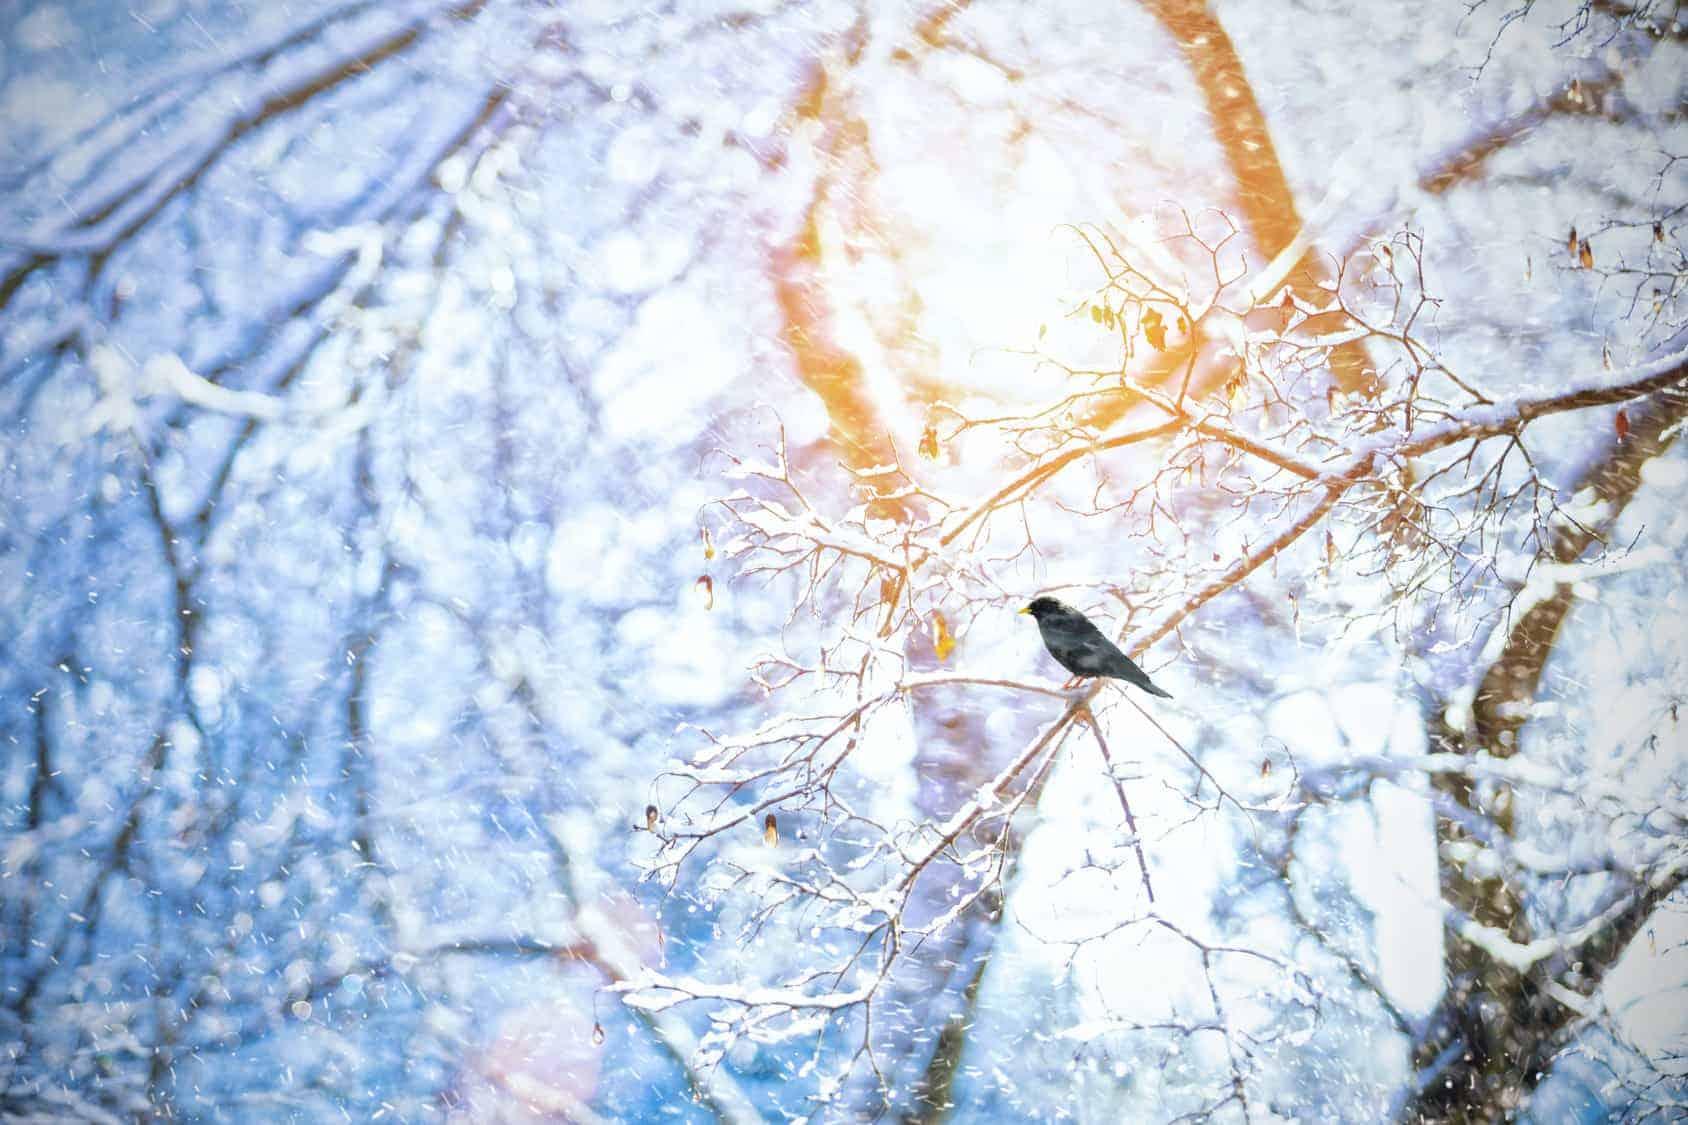 Winterruhe im Garten: gefrorene Zweige mit Vodel